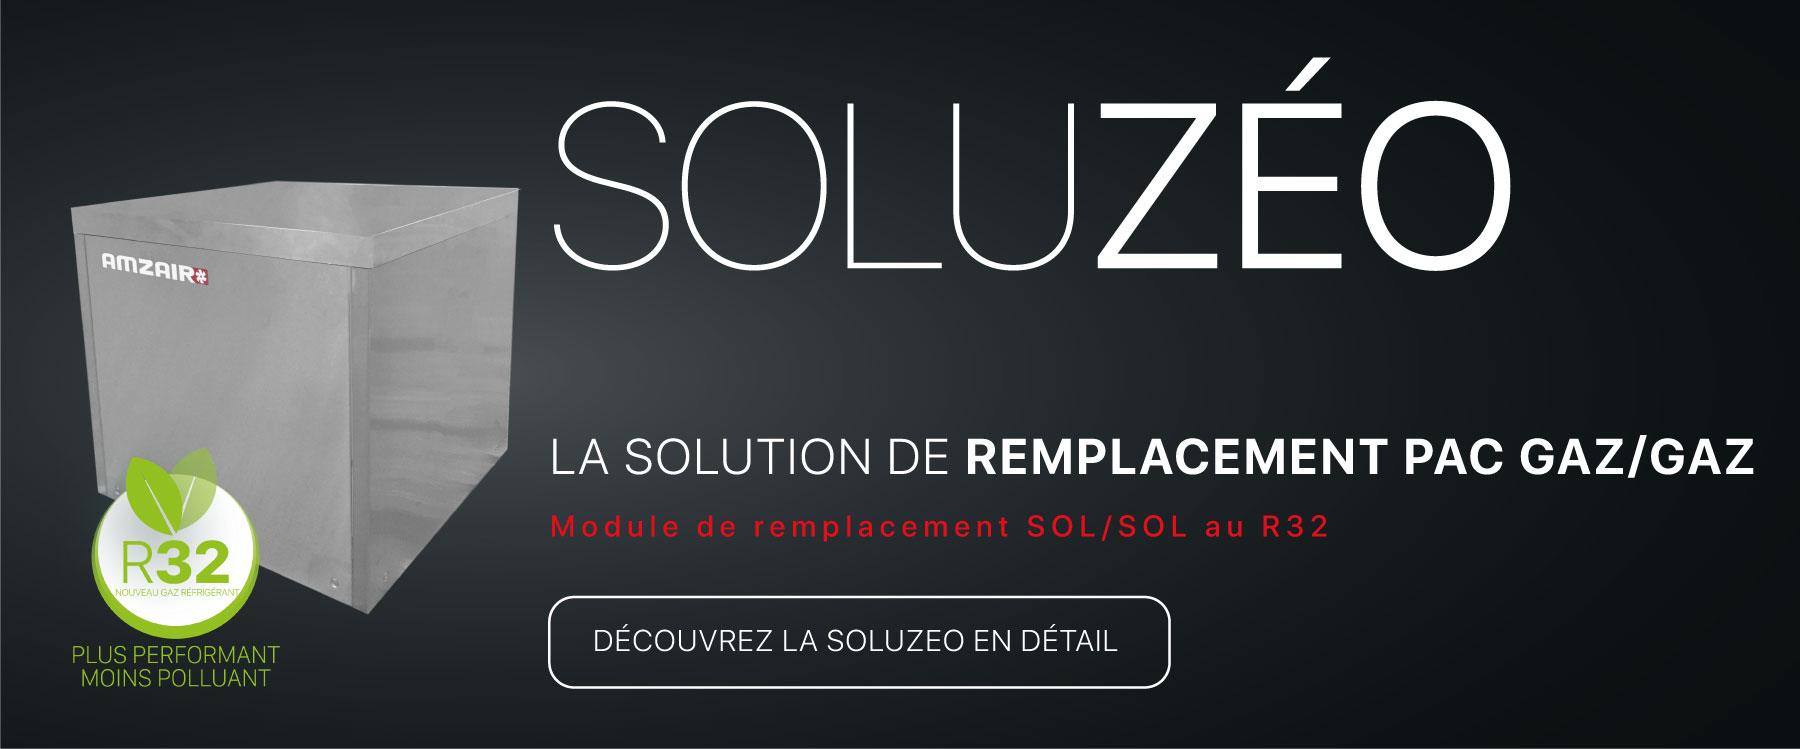 SOLUZEO-est-une-pompe-à-chaleur-pour-remplacement-de-pac-gaz-gaz